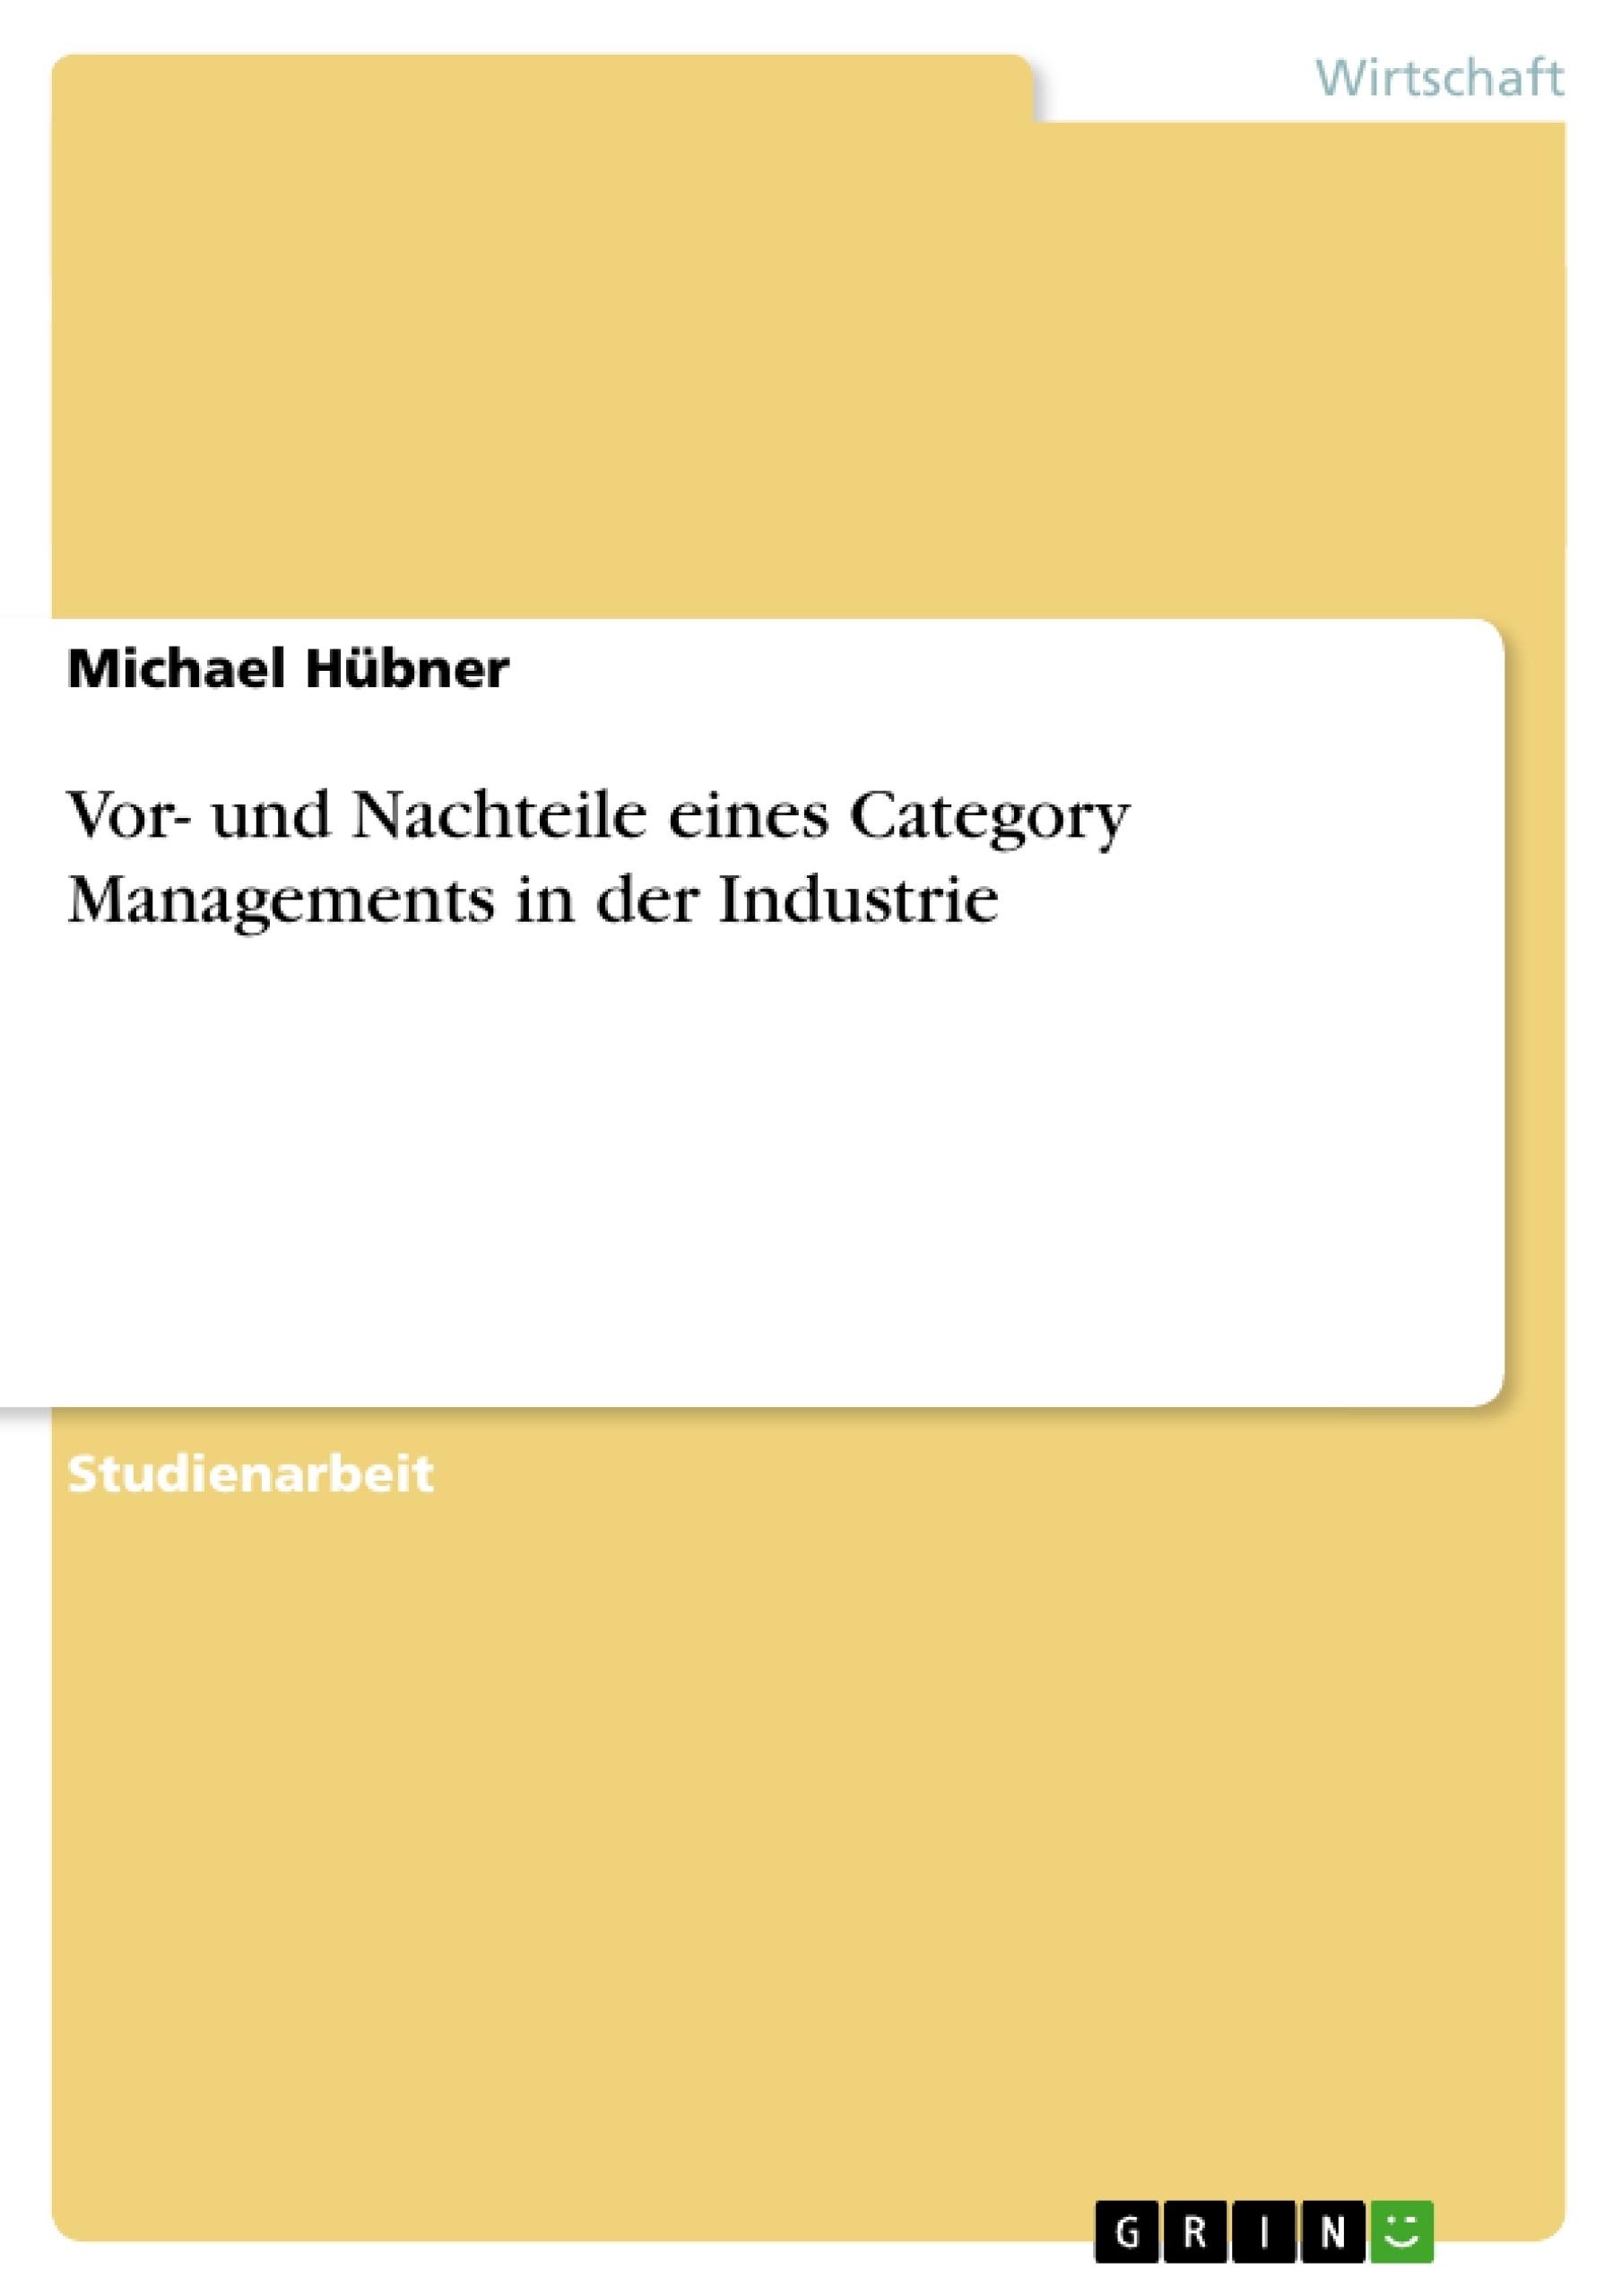 Titel: Vor- und Nachteile eines Category Managements in der Industrie